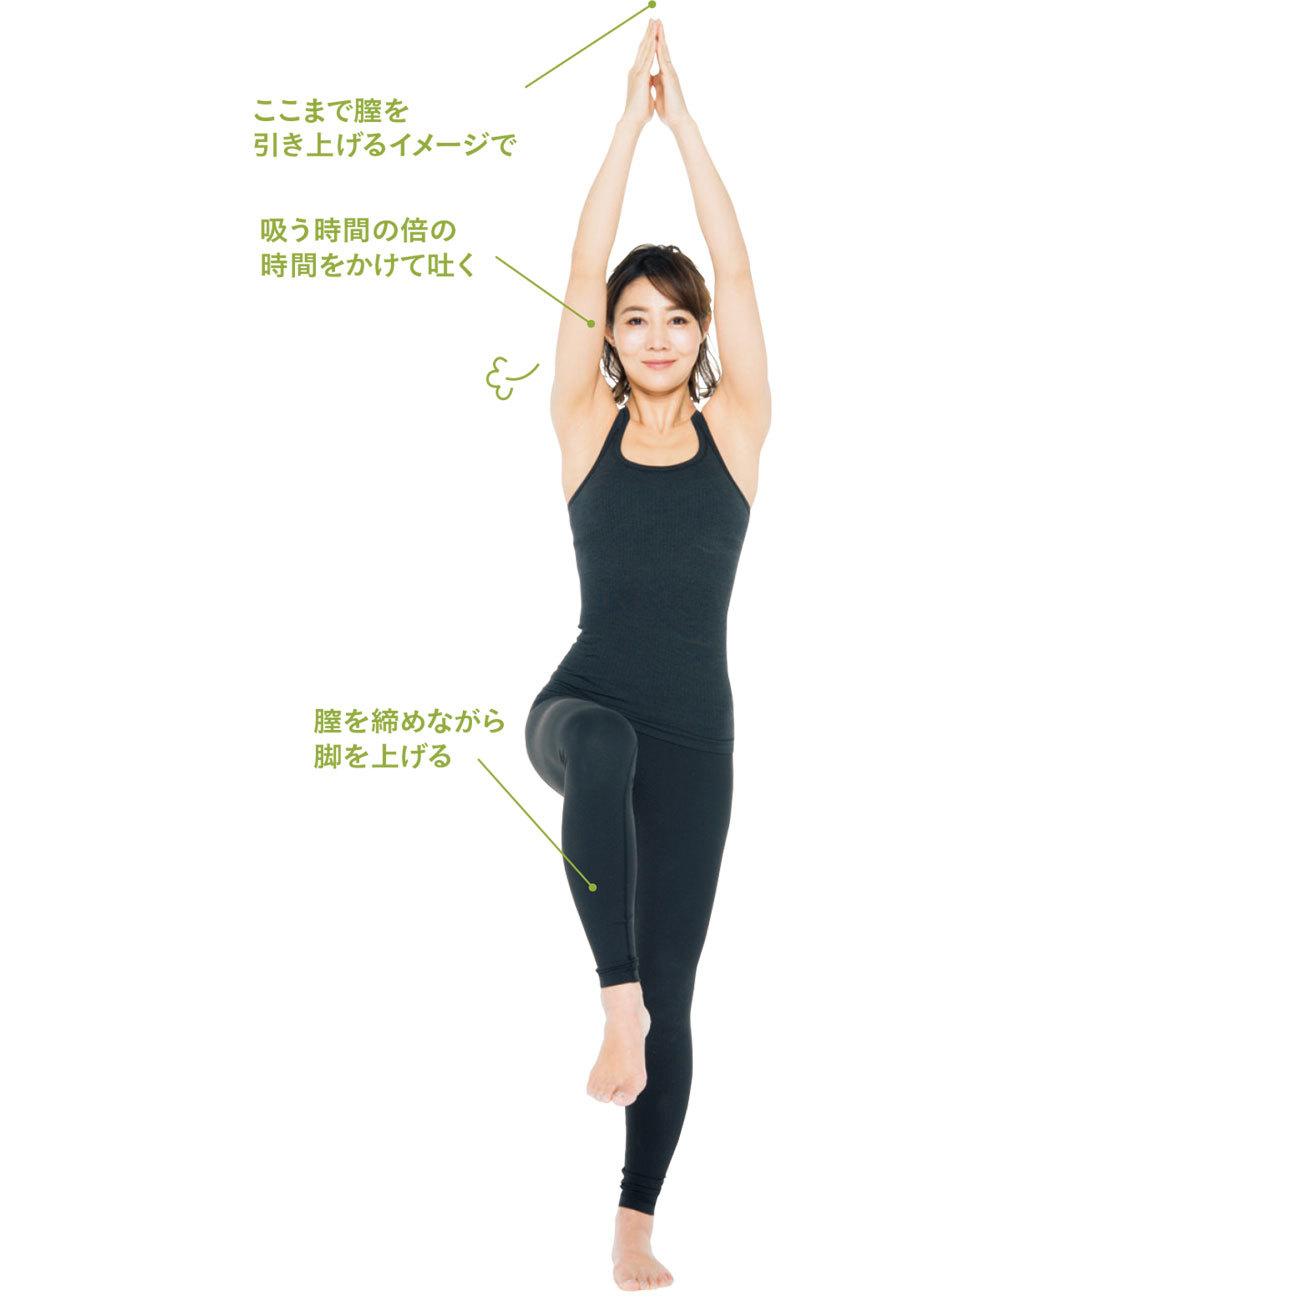 膣締めトレーニング_上級編2